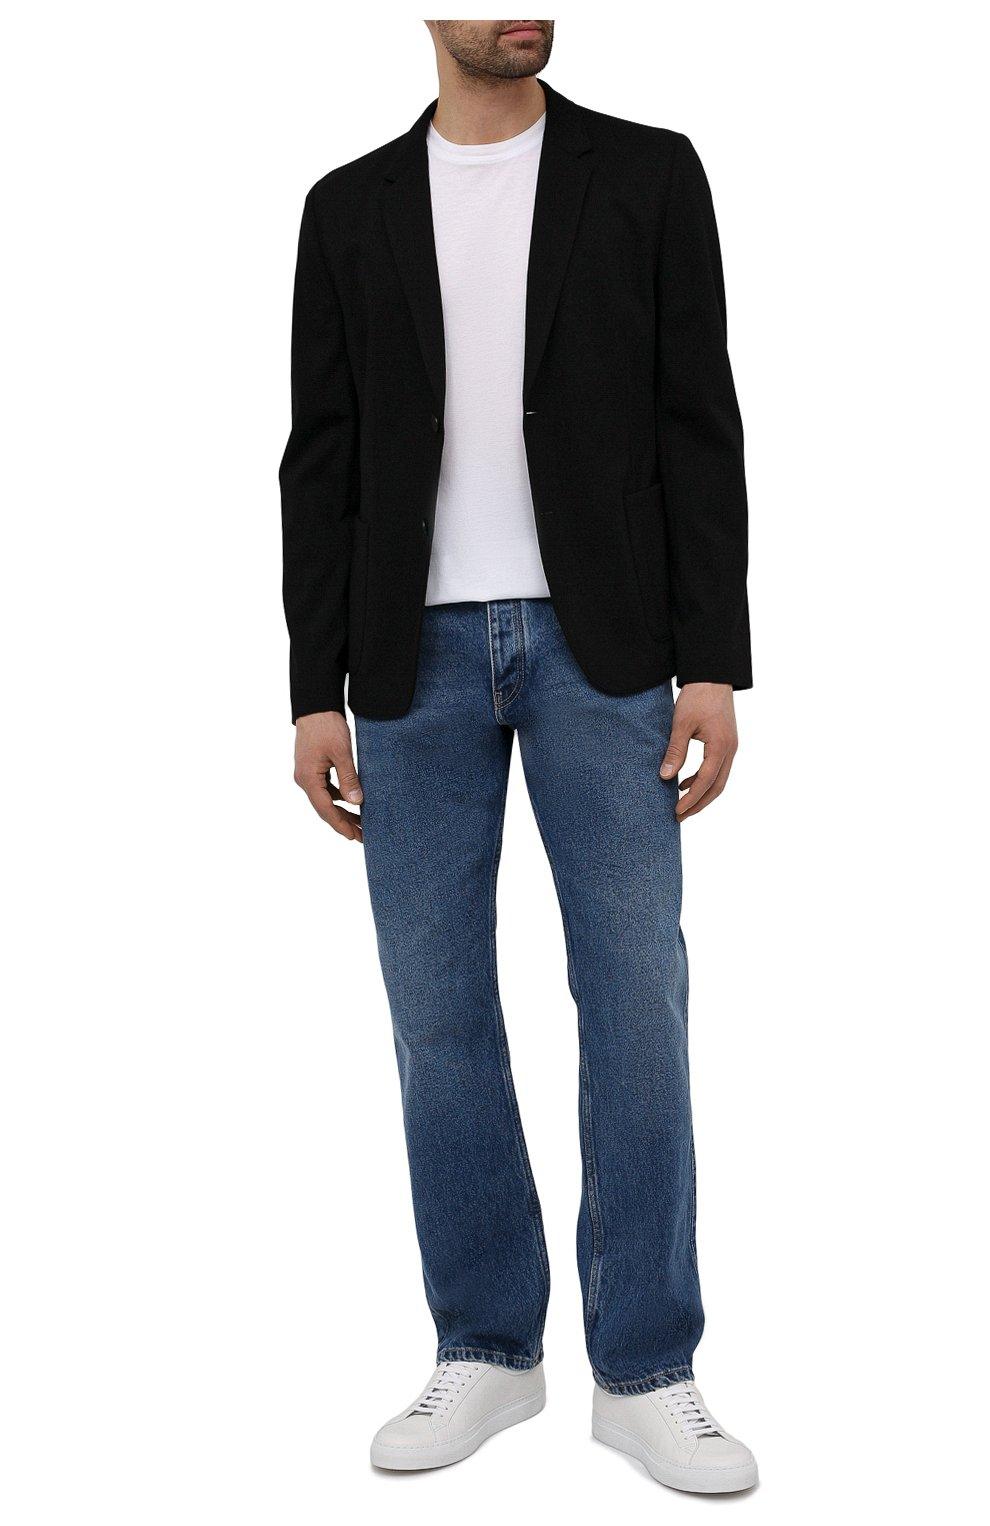 Мужской пиджак HUGO черного цвета, арт. 50454551   Фото 2 (Рукава: Длинные; Случай: Повседневный; Материал внешний: Синтетический материал, Вискоза; Длина (для топов): Стандартные; Пиджаки М: Прямой)